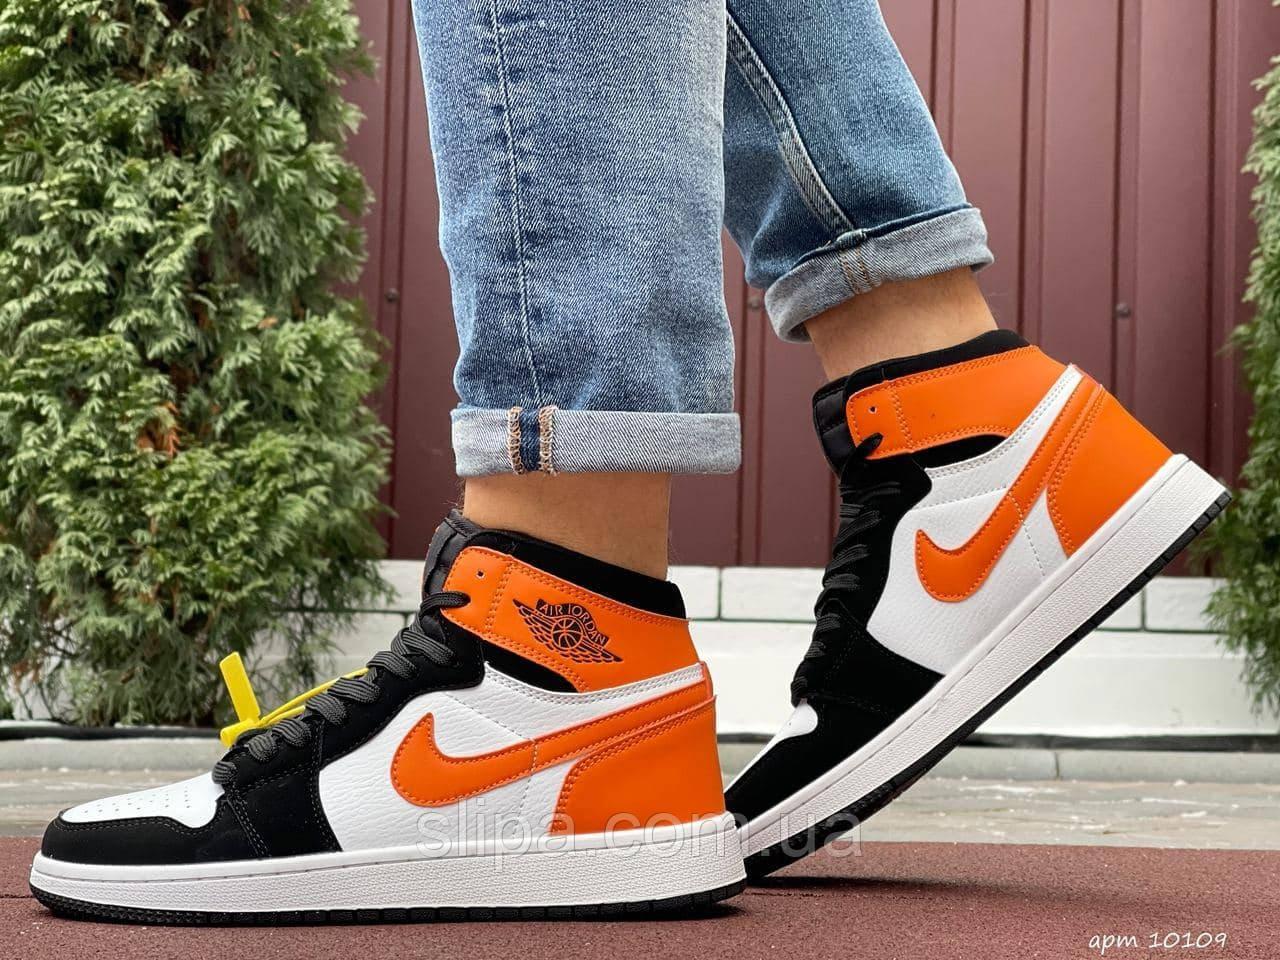 Чоловічі шкіряні кросівки Nike Air Jordan 1 Retro білі з помаранчевим